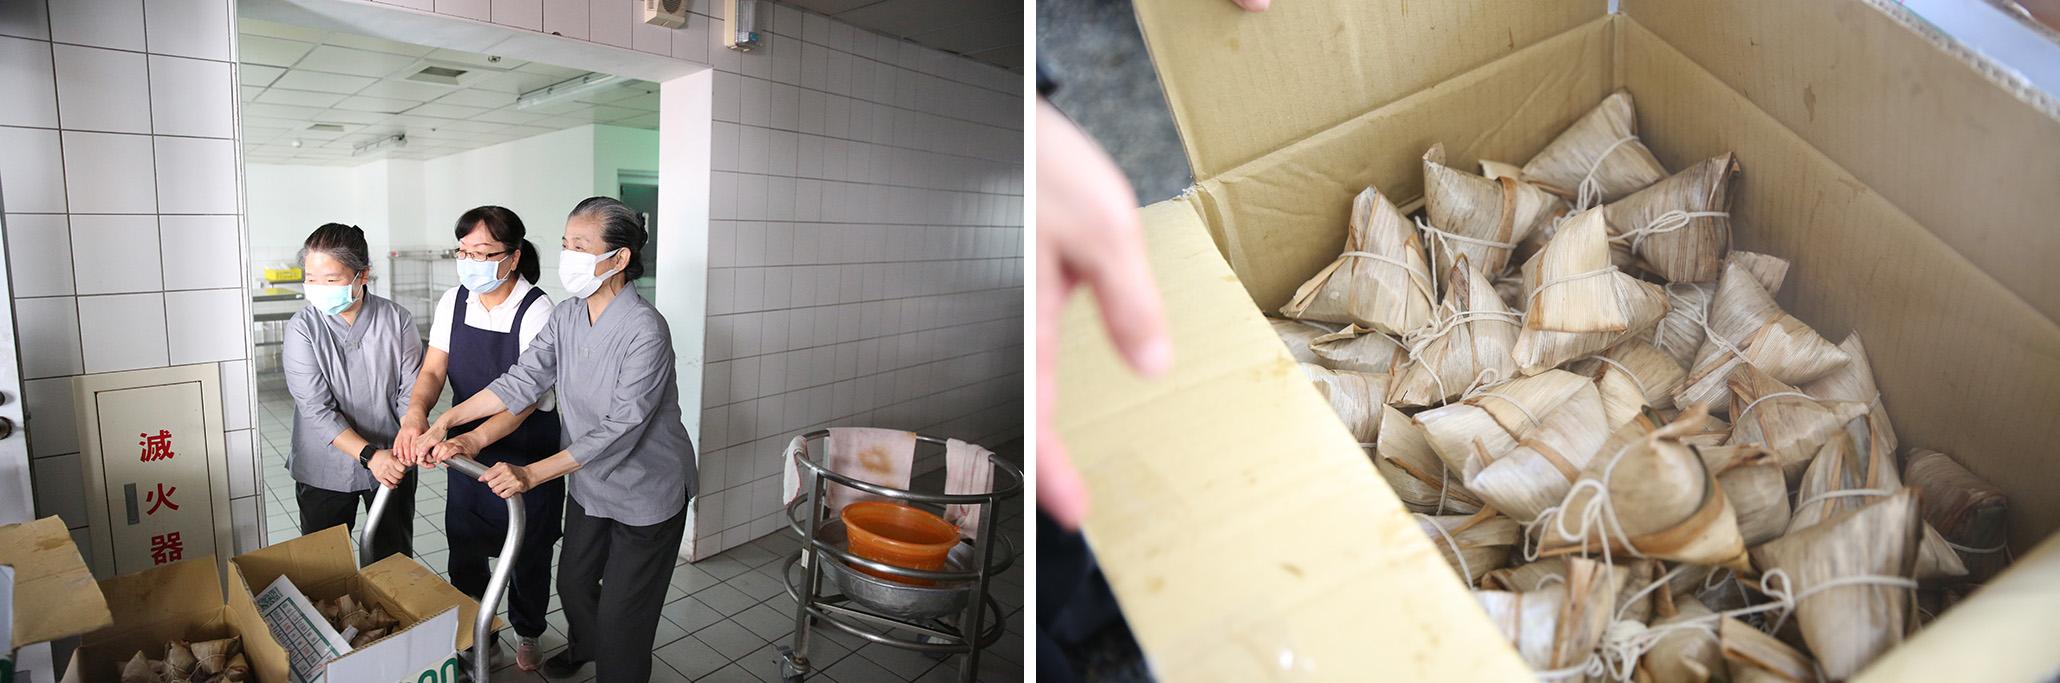 花蓮慈院顏惠美師姊一早就準備了熱騰騰剛出爐的粽子,要送到榮民之家。